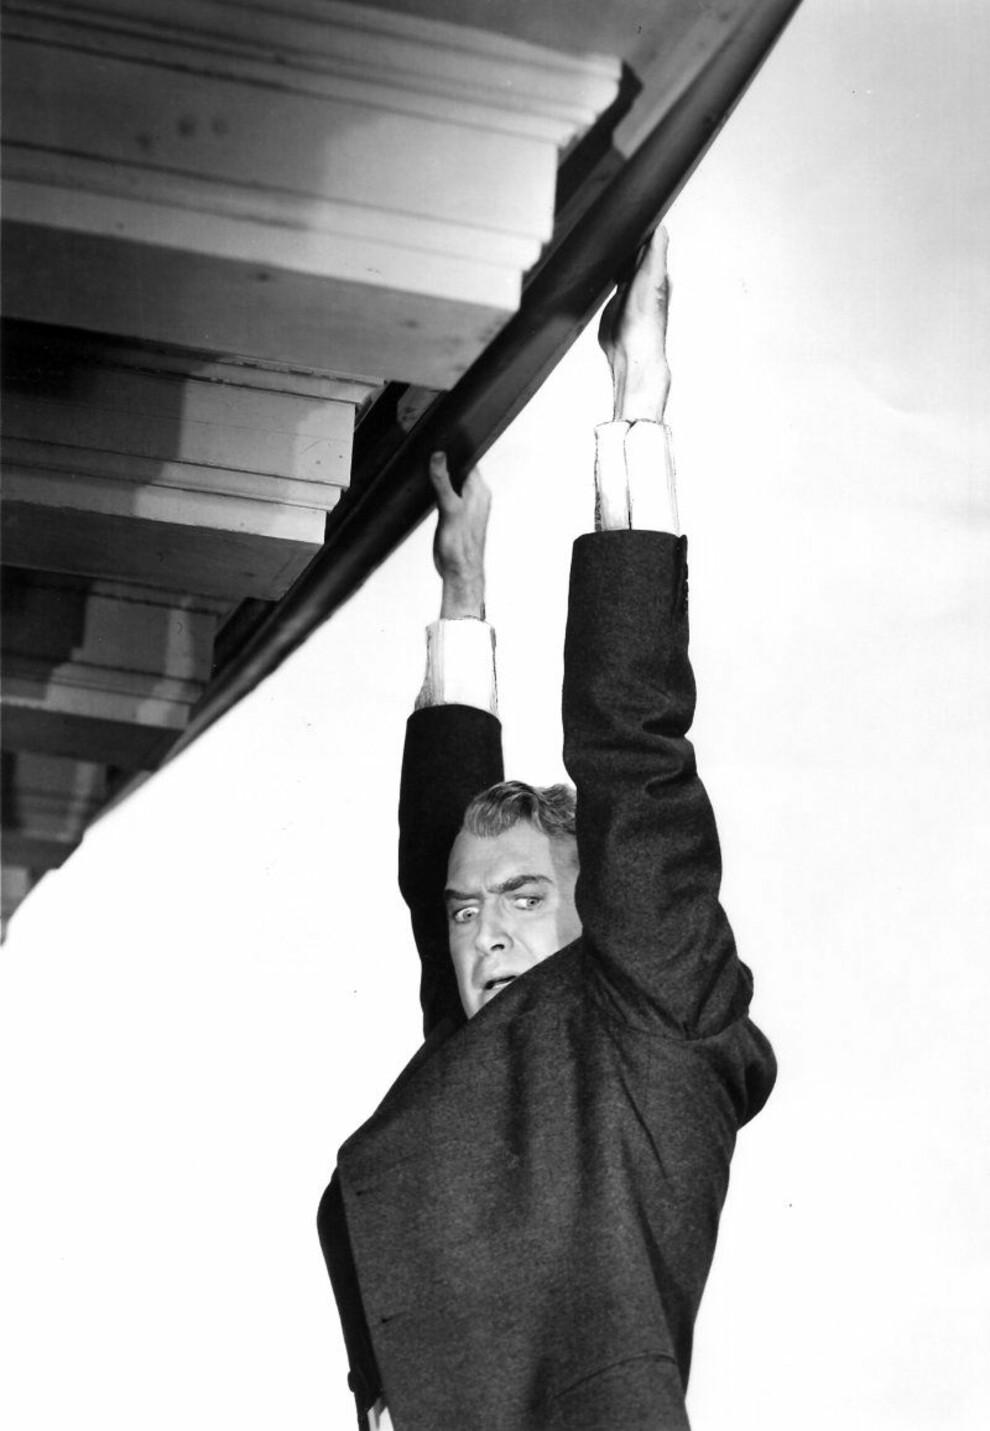 Джеймс Стюарт в фильме «Головокружение», 1958